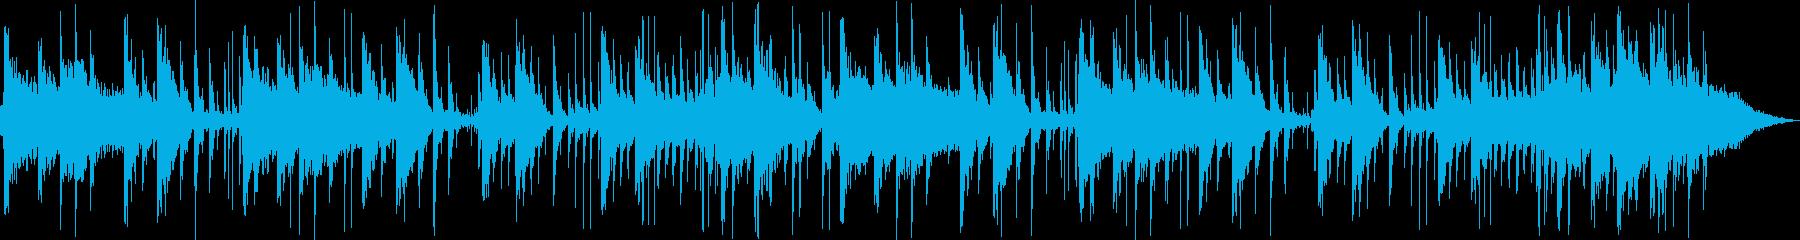 ゆったりとしたシンセピアノサウンドの再生済みの波形